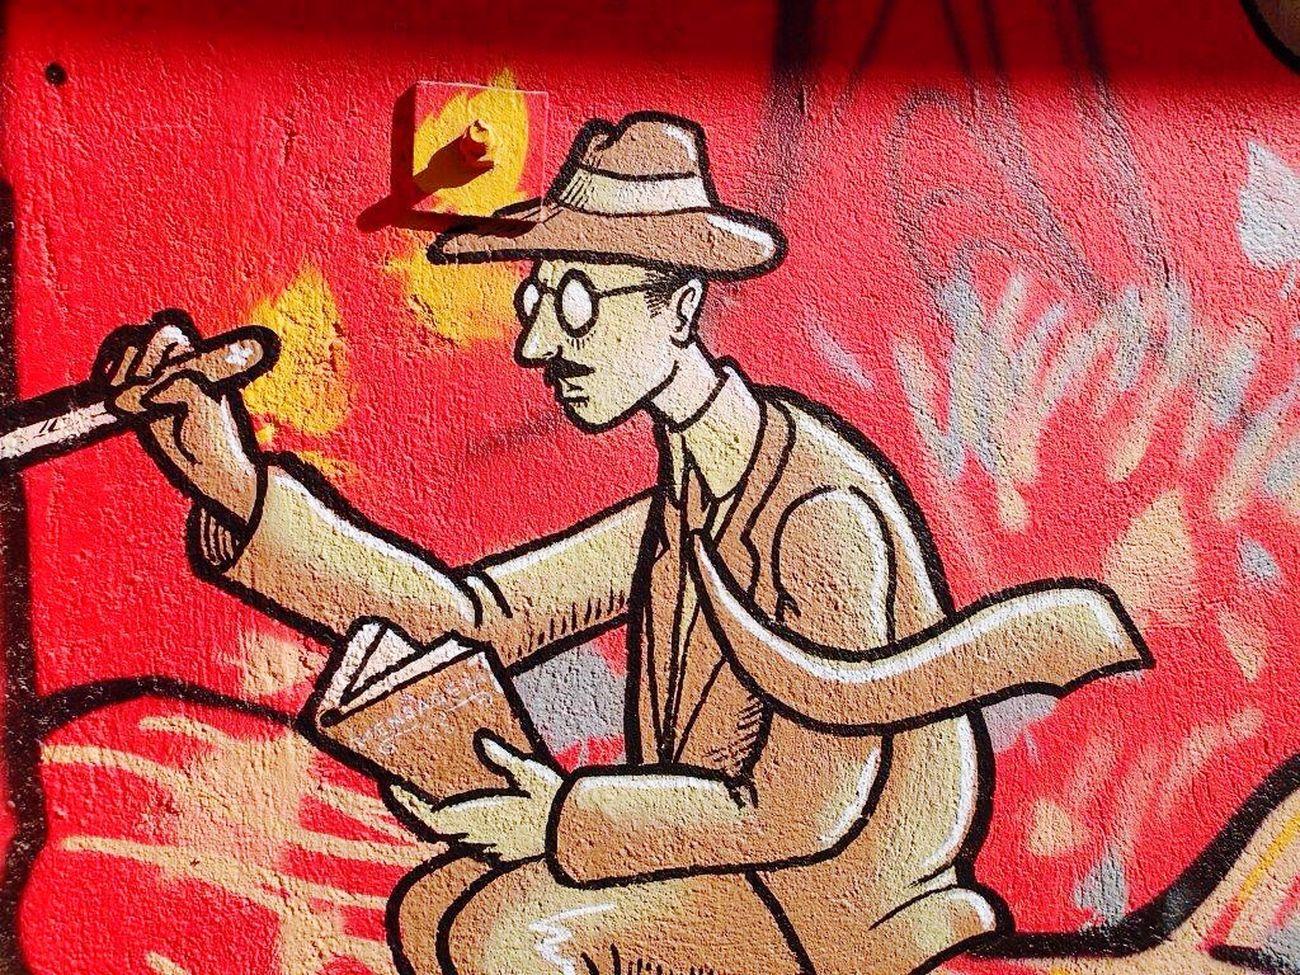 Lisboa Portugal Lisboa Lisbon Lx Factory Graffiti Graffiti Art